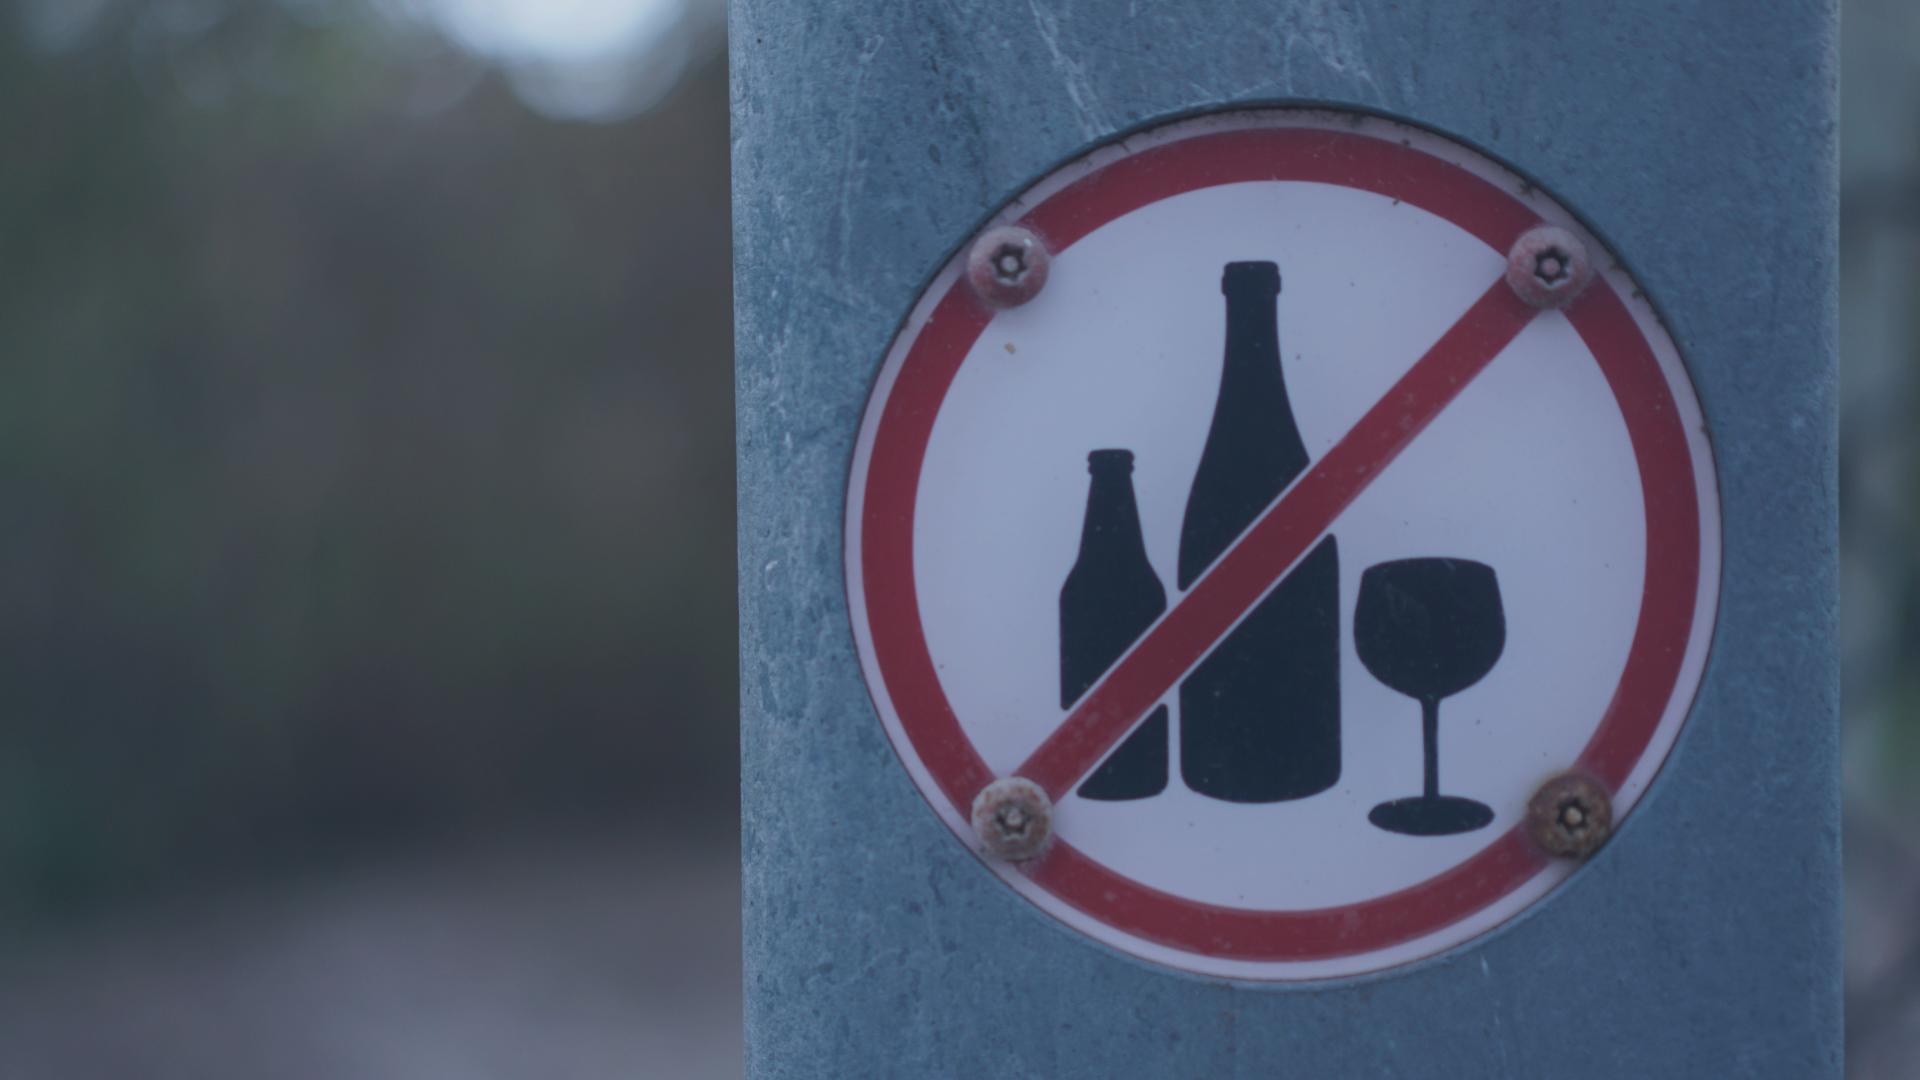 Corso di formazione per lavoratori sui rischi da assunzione di alcol